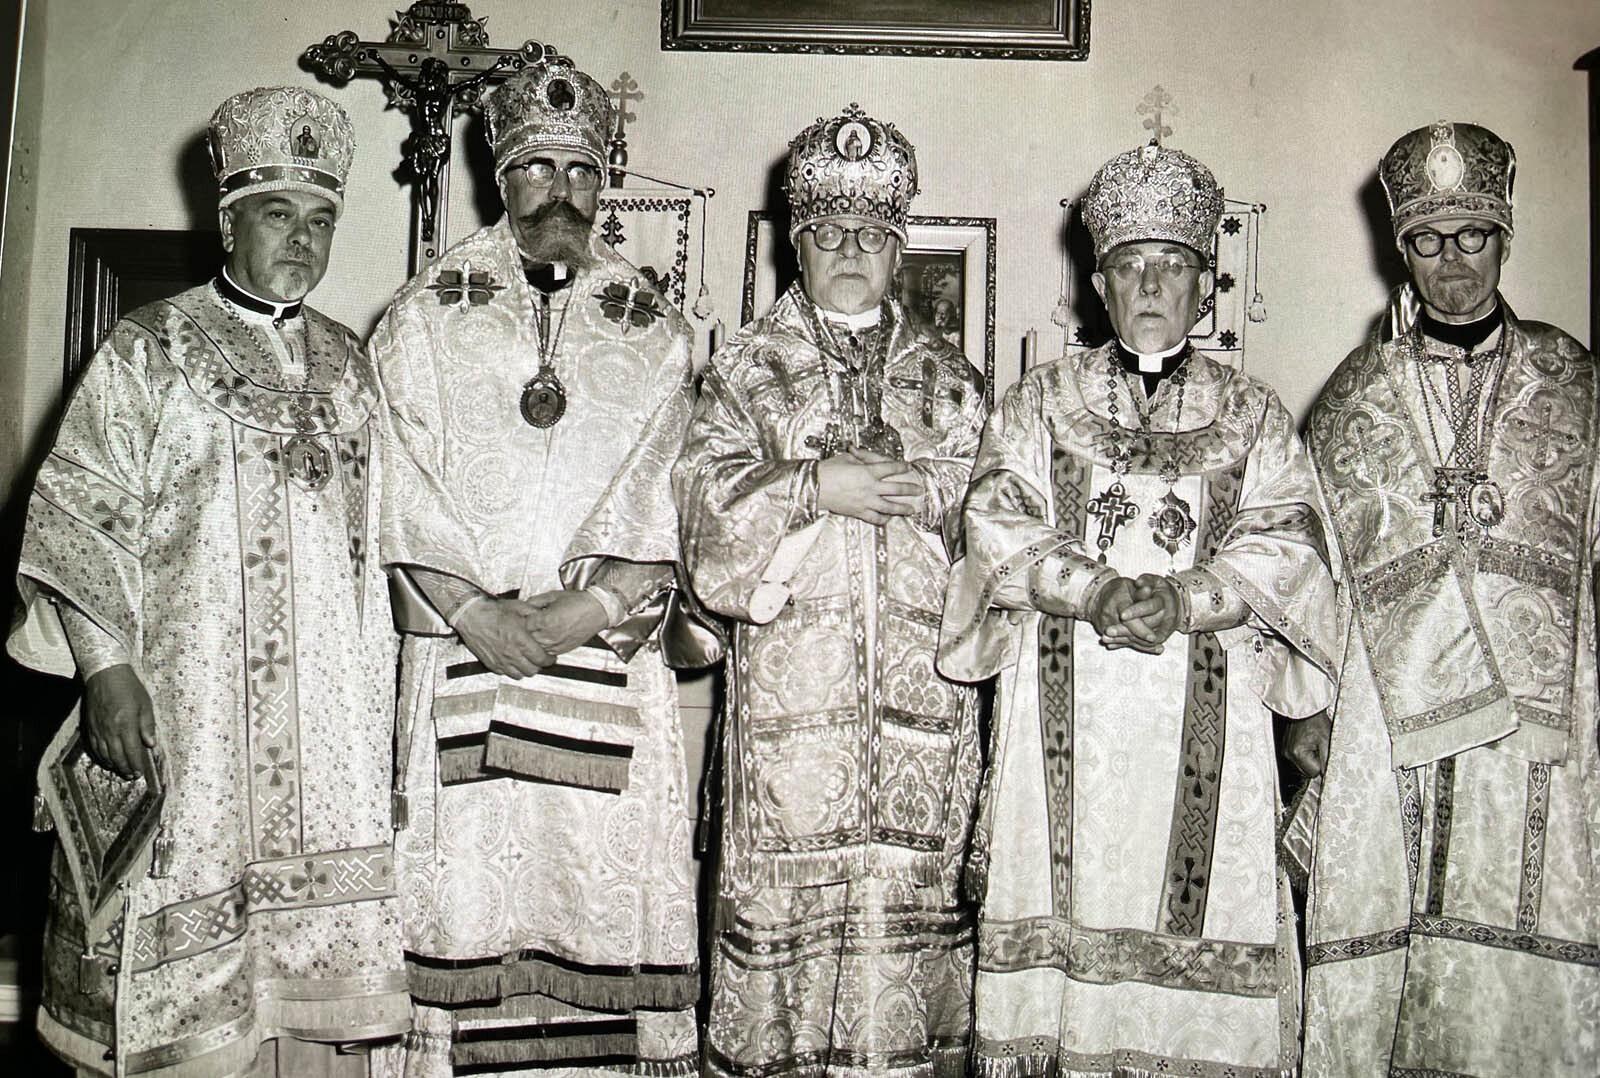 Meeting with Canadian Bishops c. 1960:  Archbishop Mstyslav, Archbishop Hennadij, Metrpolitan Ilarion, Metrpolitan John, Archbishop Michael